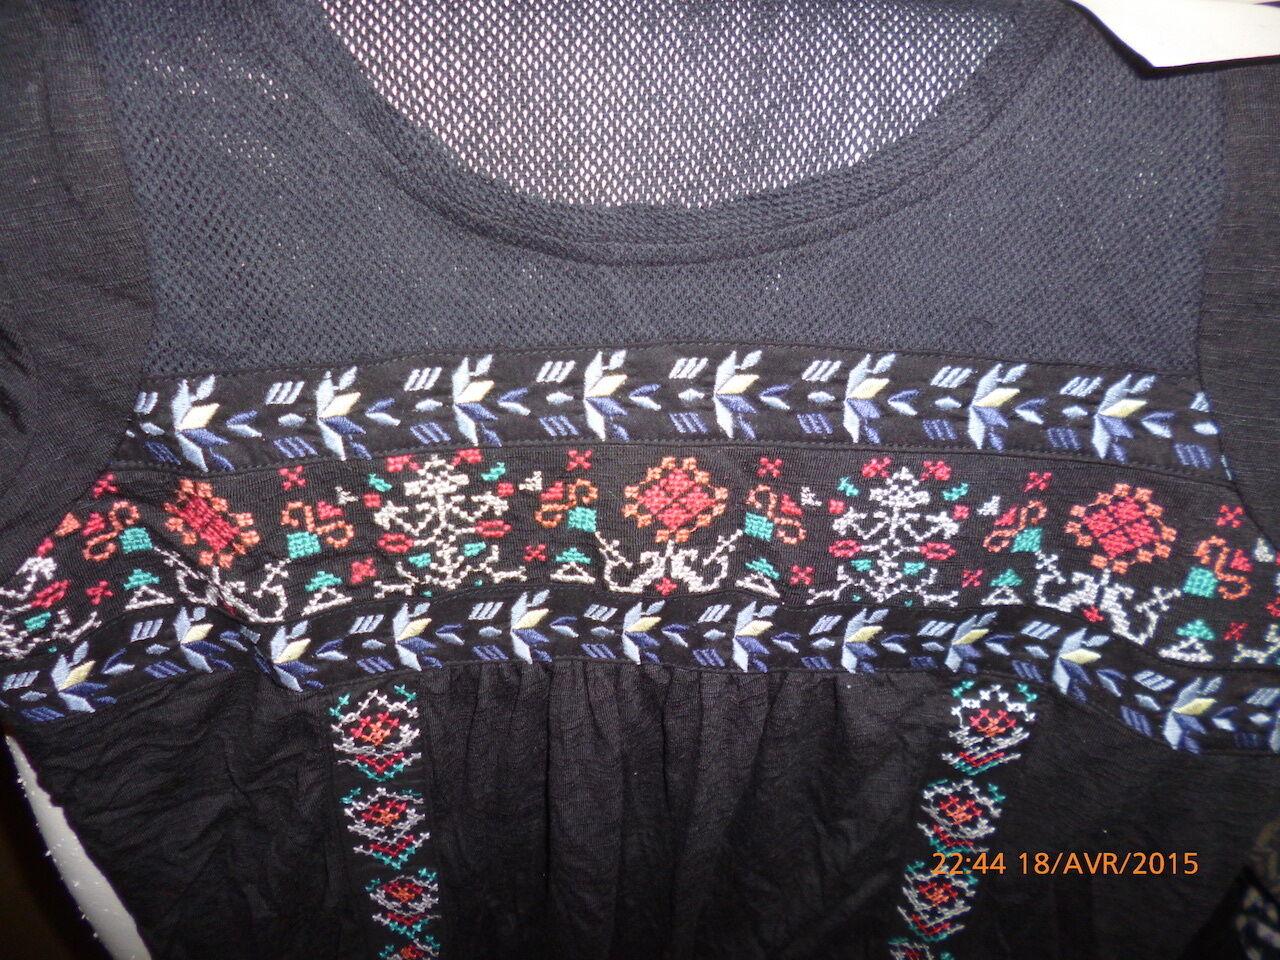 IKKS   t-shirt ref XF10194  neuf, étiqueté col printemps été 2015 valeur 59.